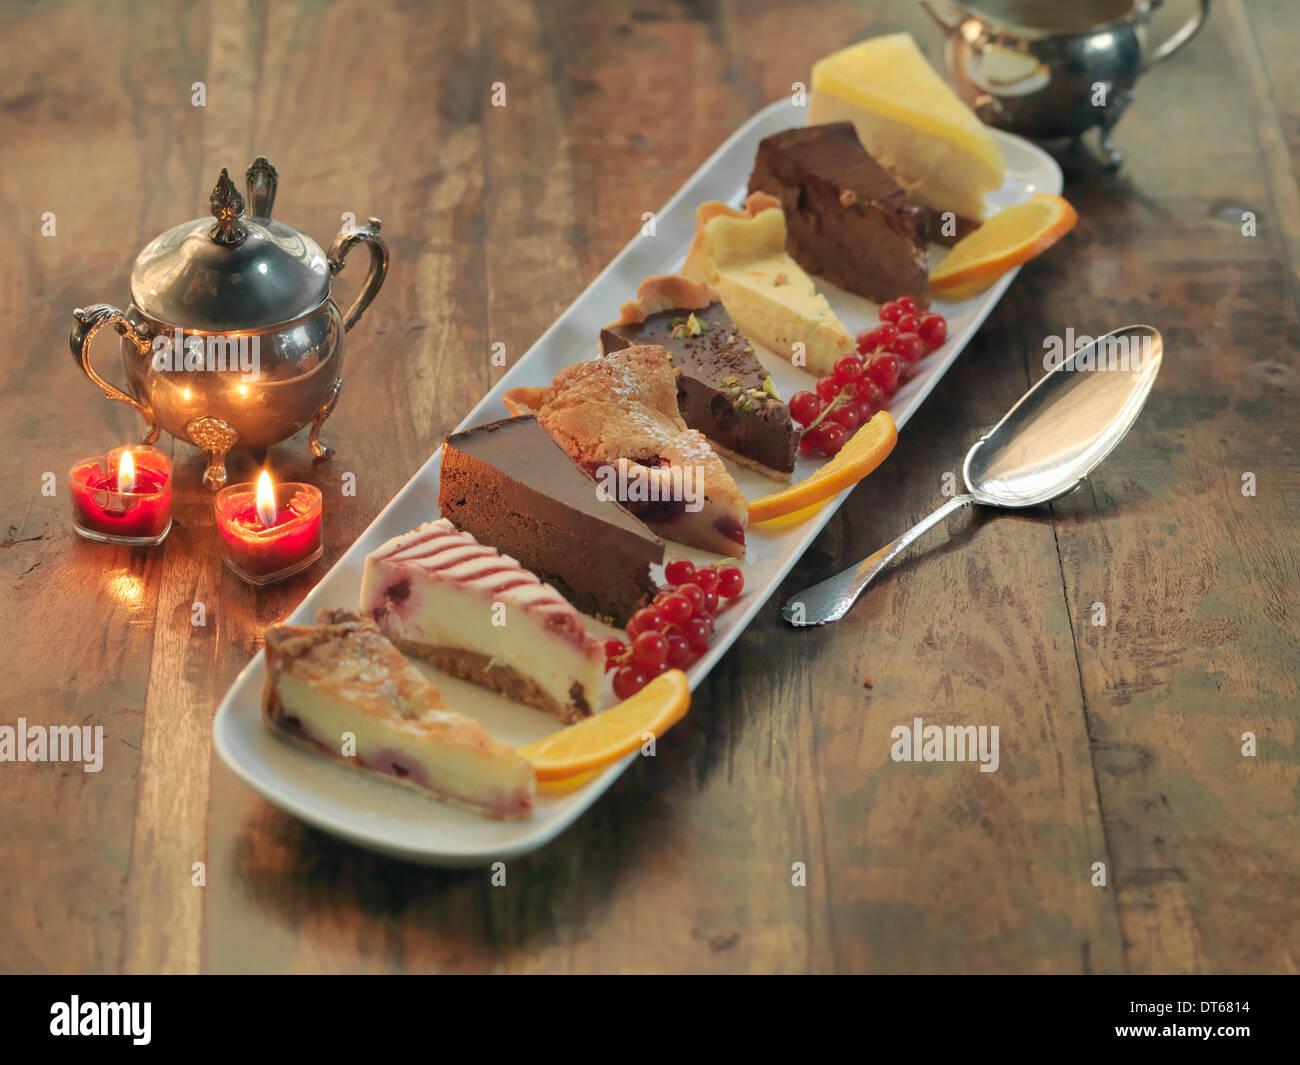 Piatto misto di torte e crostate tra decorazioni di festa Immagini Stock